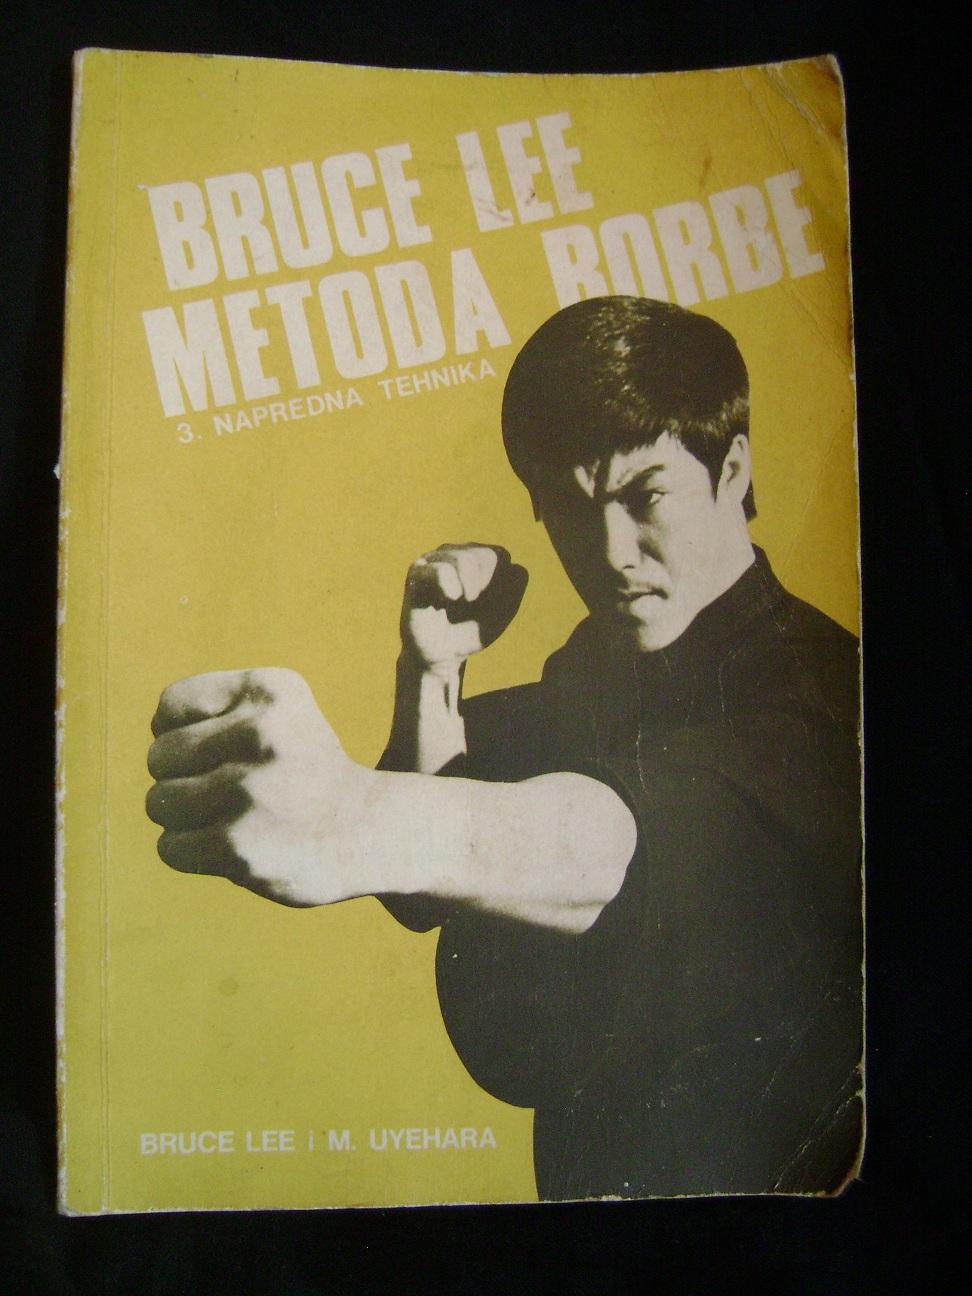 Bruce_Lee_Metoda_borbe_1.JPG